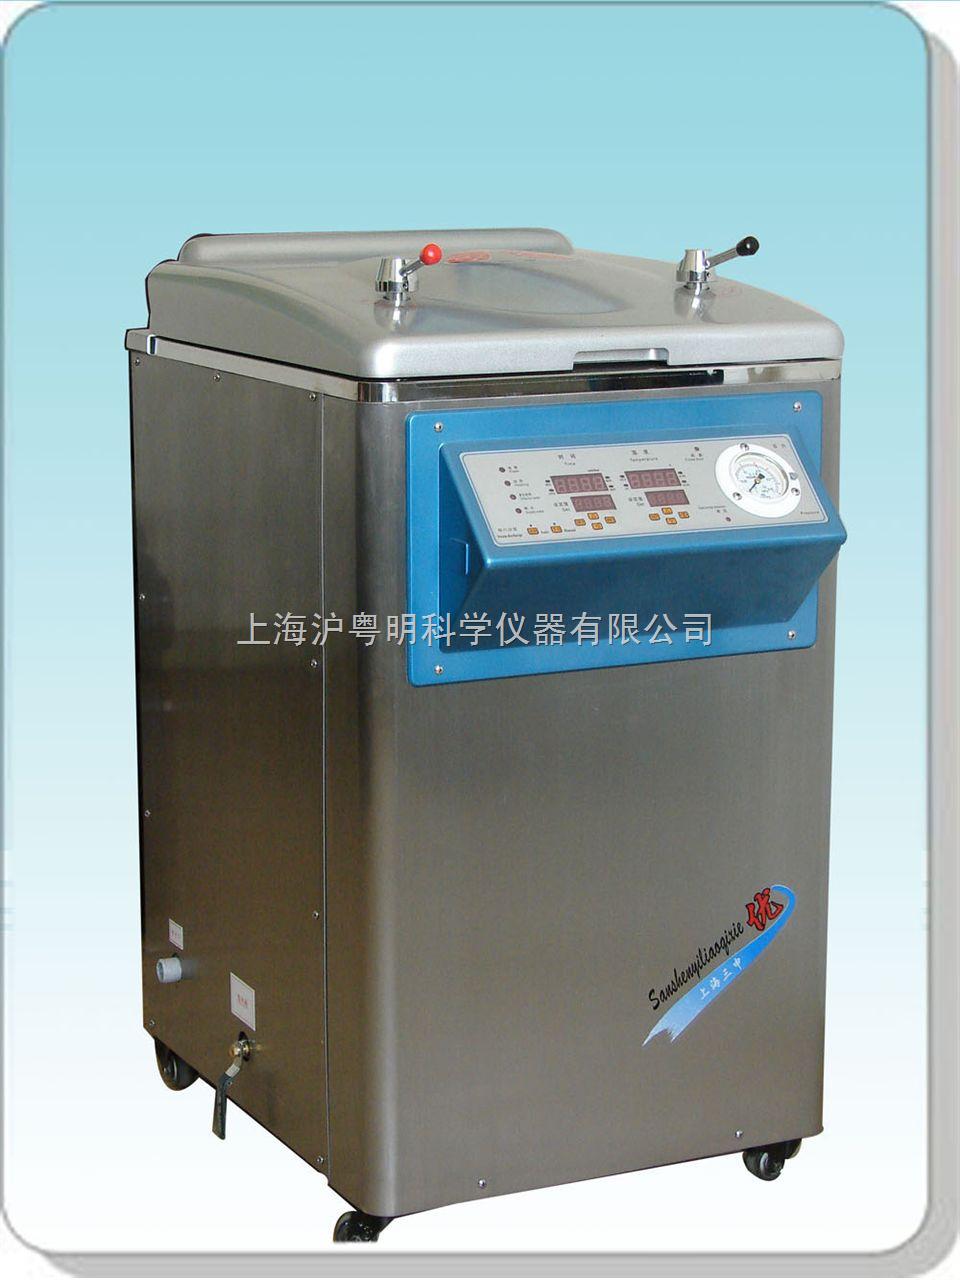 上海三申医疗专用电热蒸汽消毒器ym50z/不锈钢立式电热消毒器ym50z